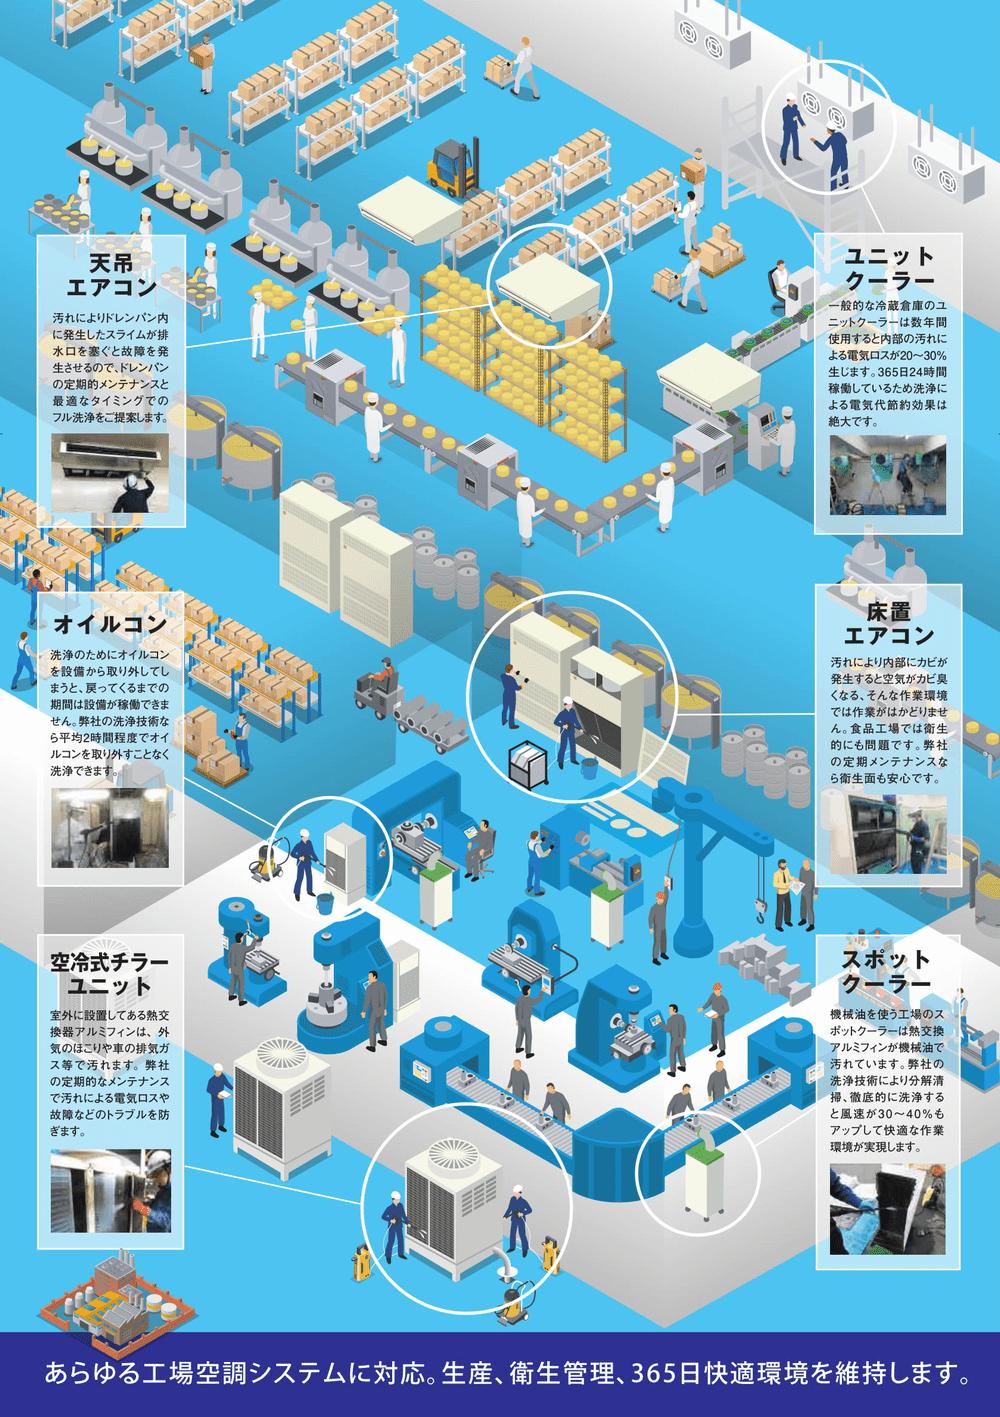 イラスト:工場の空調システム